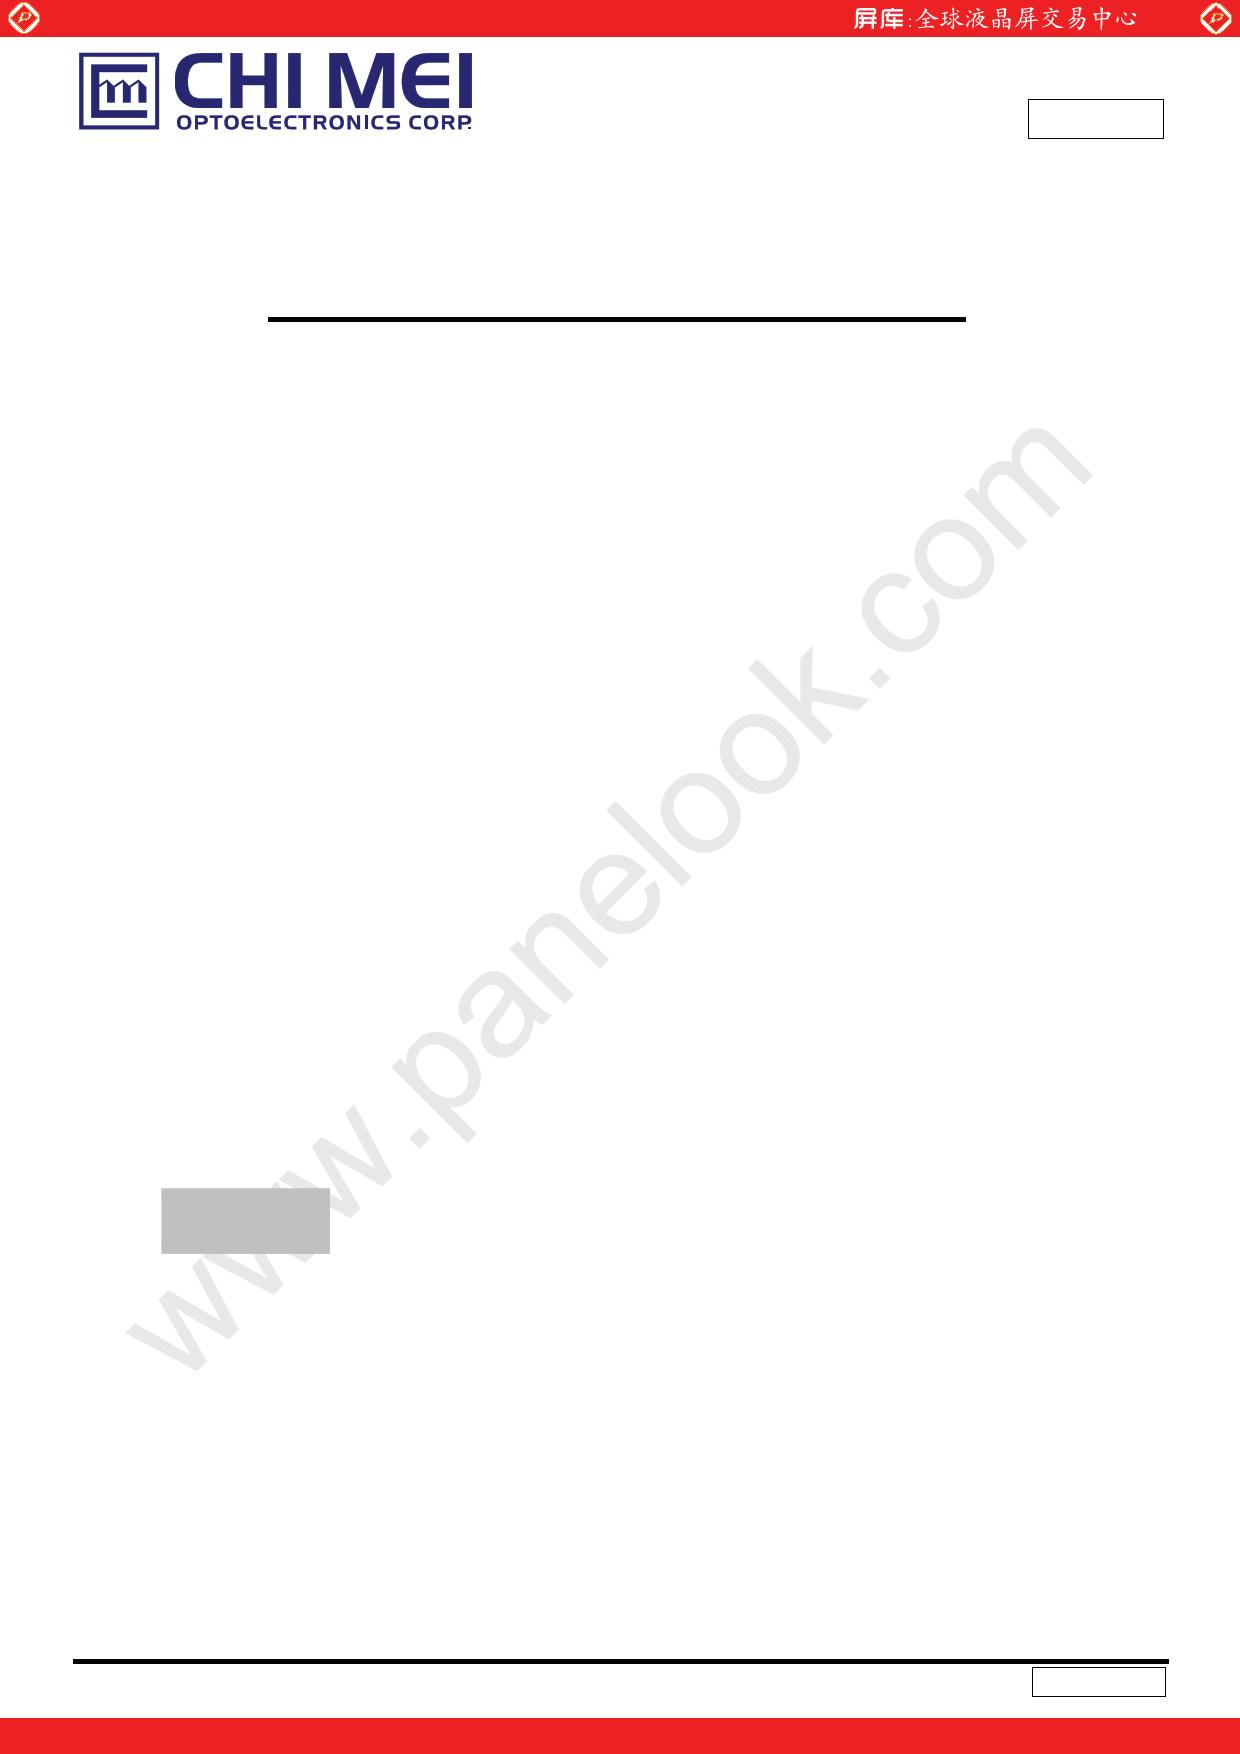 M215H1-P01 데이터시트 및 M215H1-P01 PDF